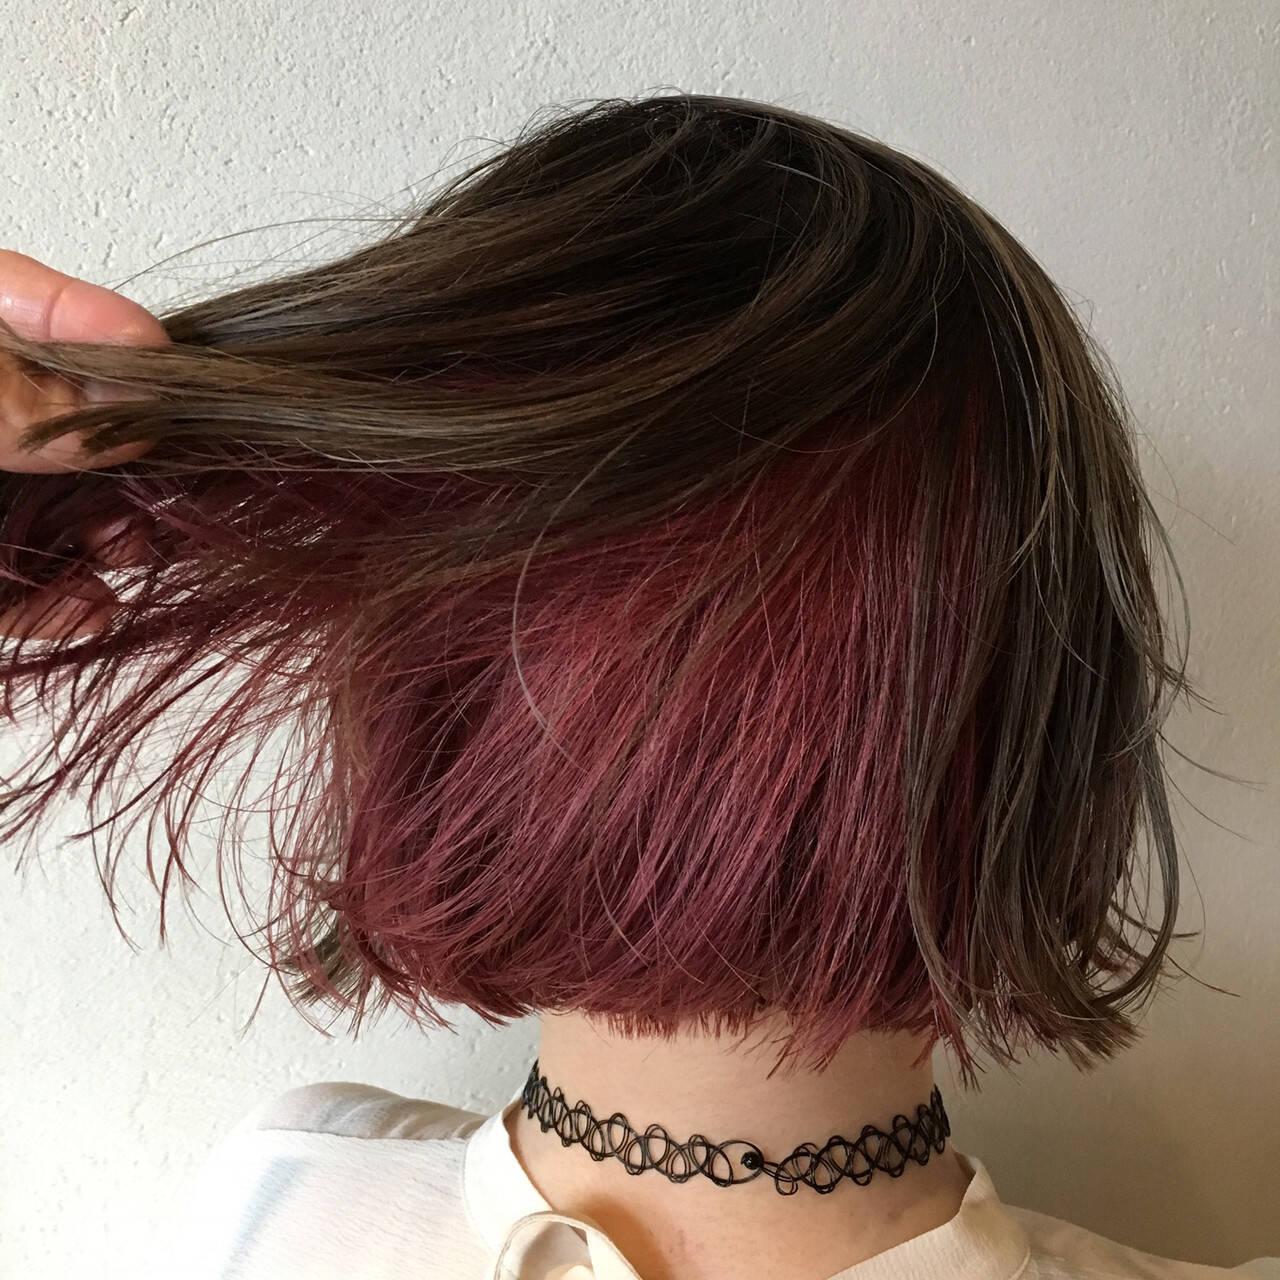 ラベンダーピンク ピンクラベンダー フェミニン インナーカラーヘアスタイルや髪型の写真・画像